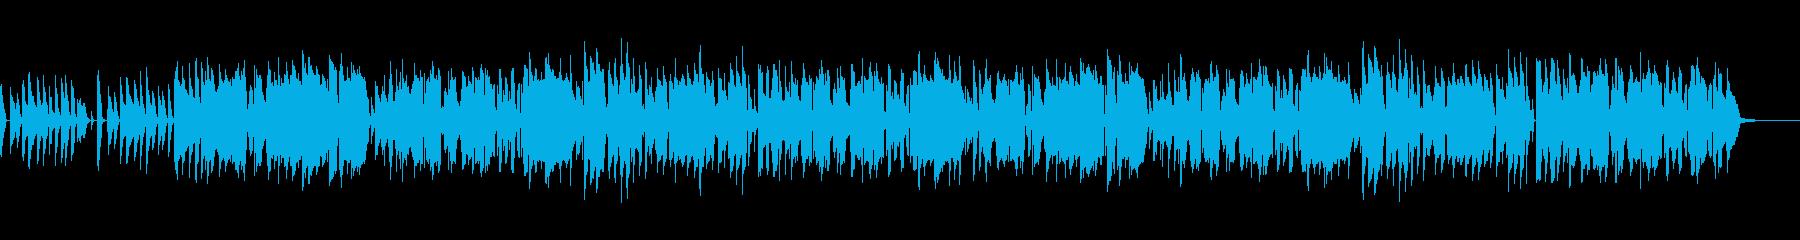 生演奏ウクレレ気まぐれでのんきな感じの曲の再生済みの波形